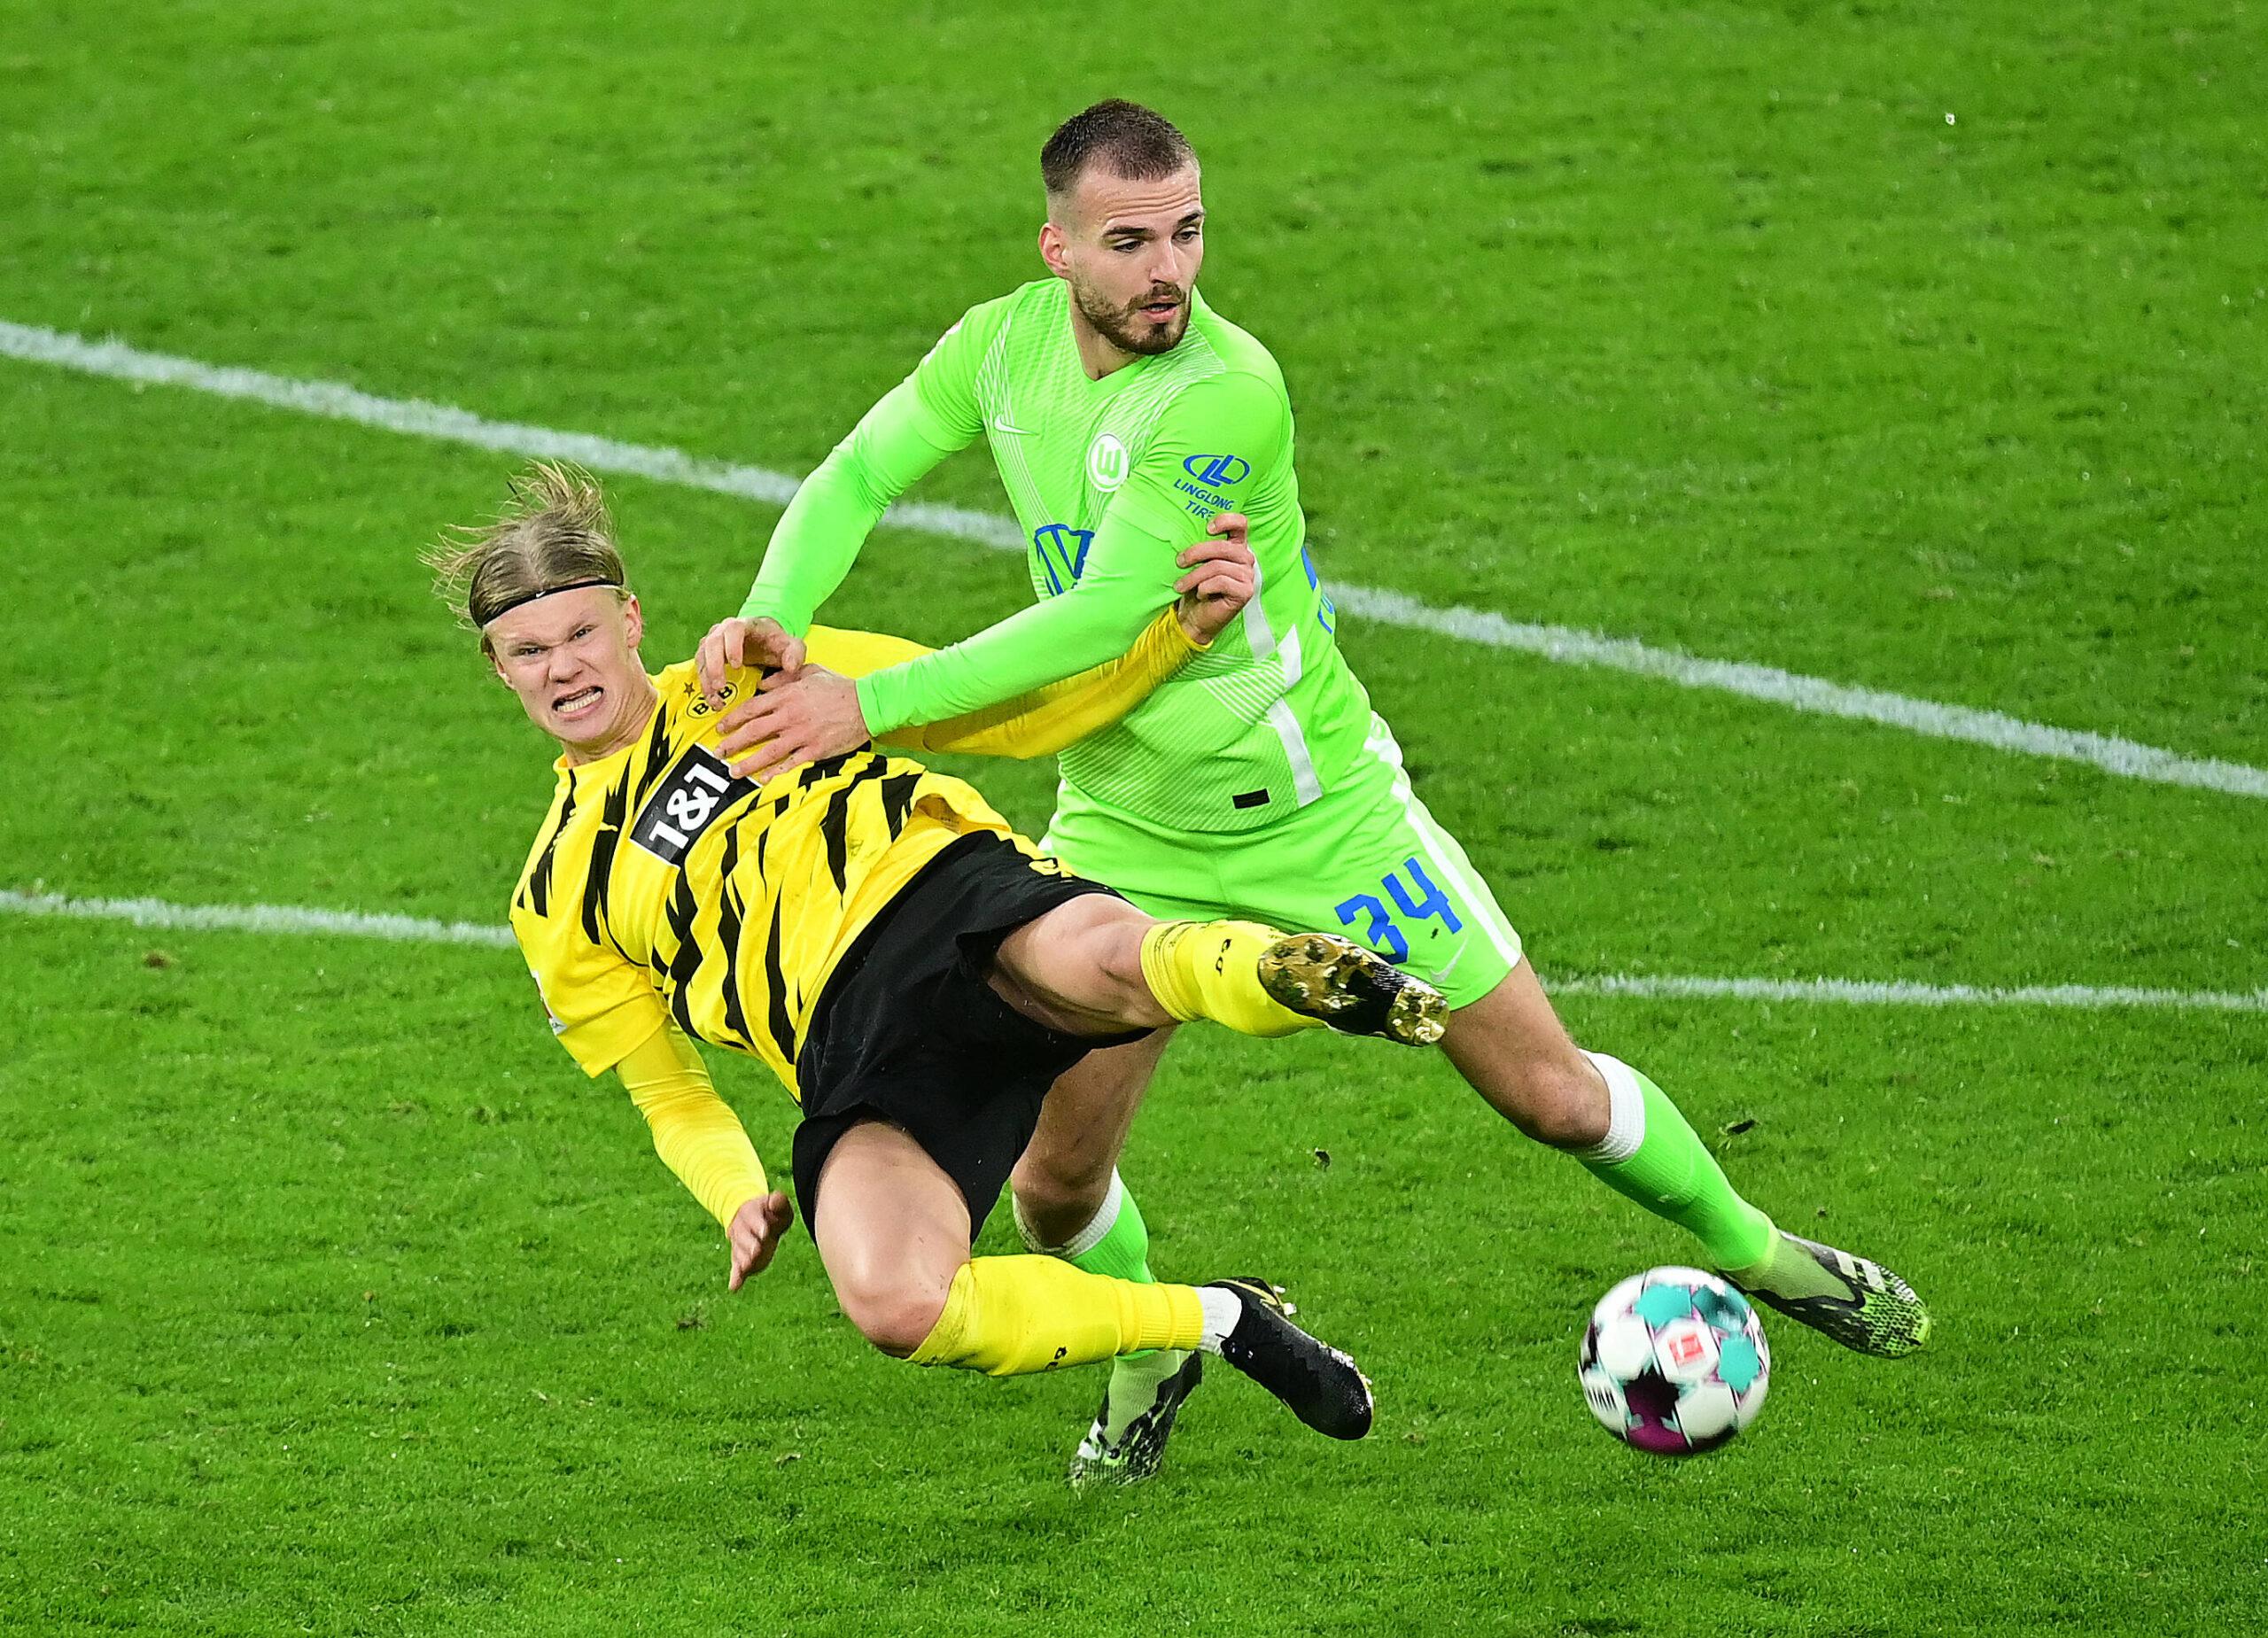 Marin Pongracic mostrando sus habilidades frente a su nuevo equipo, Borussia Dortmund. Foto: Imago.